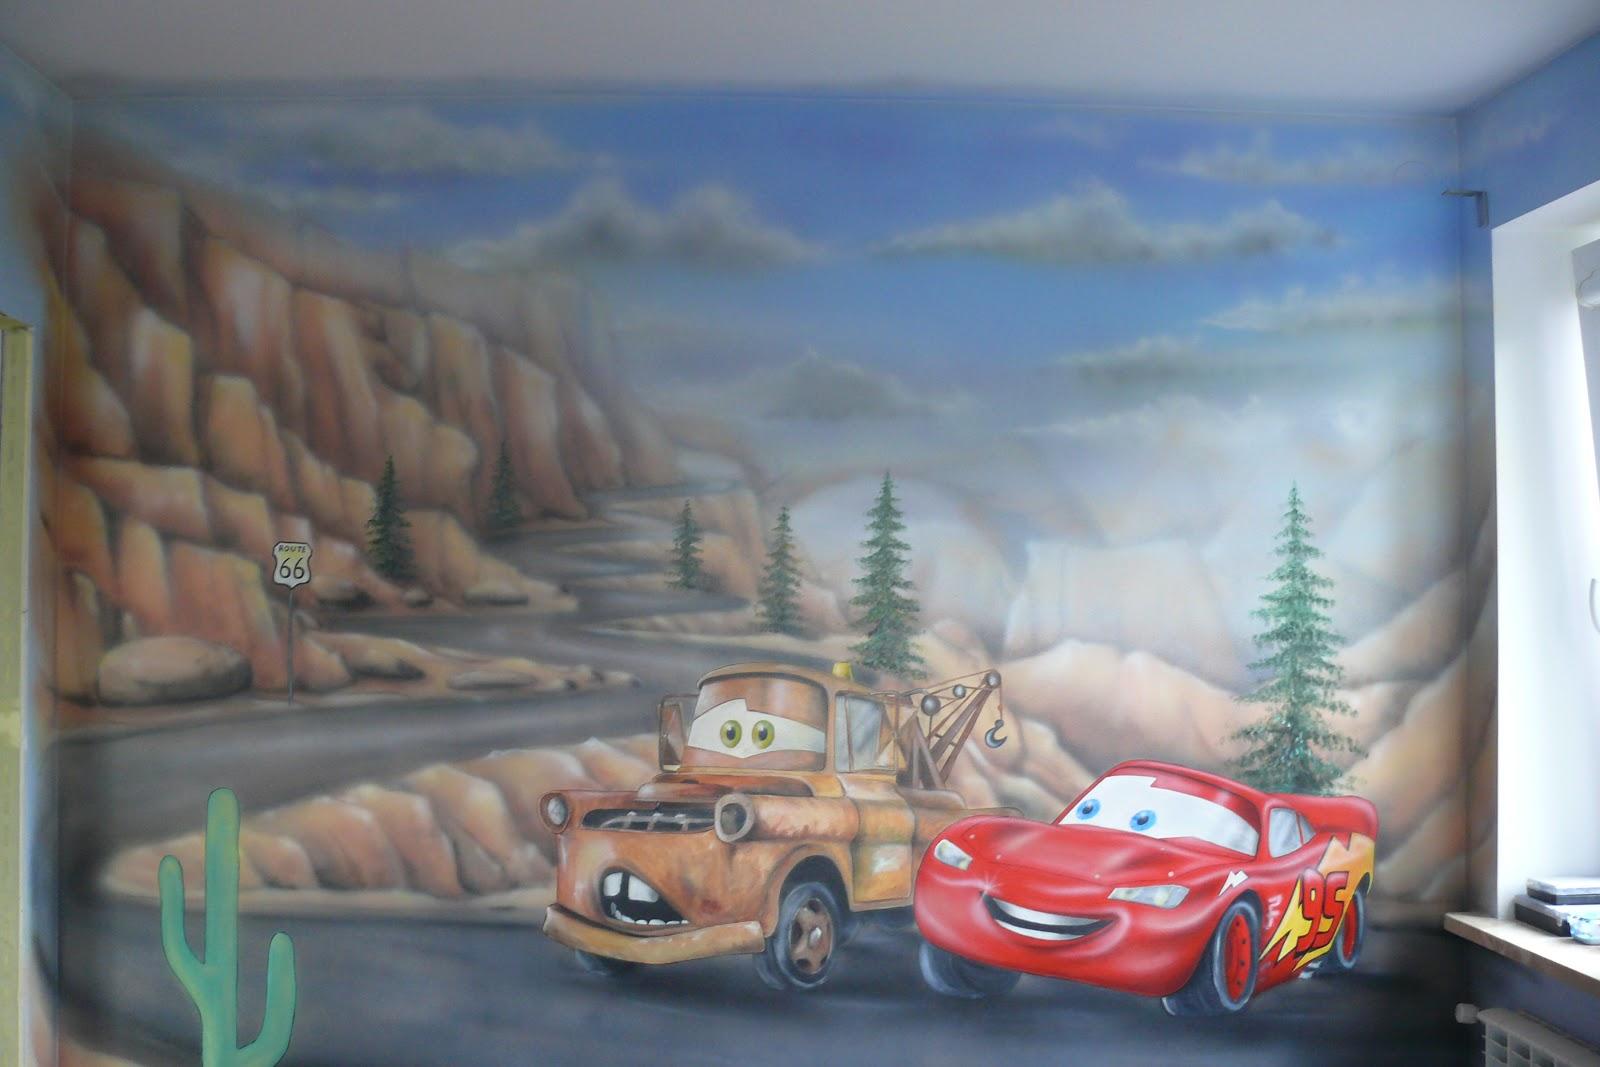 Malowanie aut na ścianie w pokoju chłopca, grafika ścienna przedstawiająca bohaterów z bajki auta